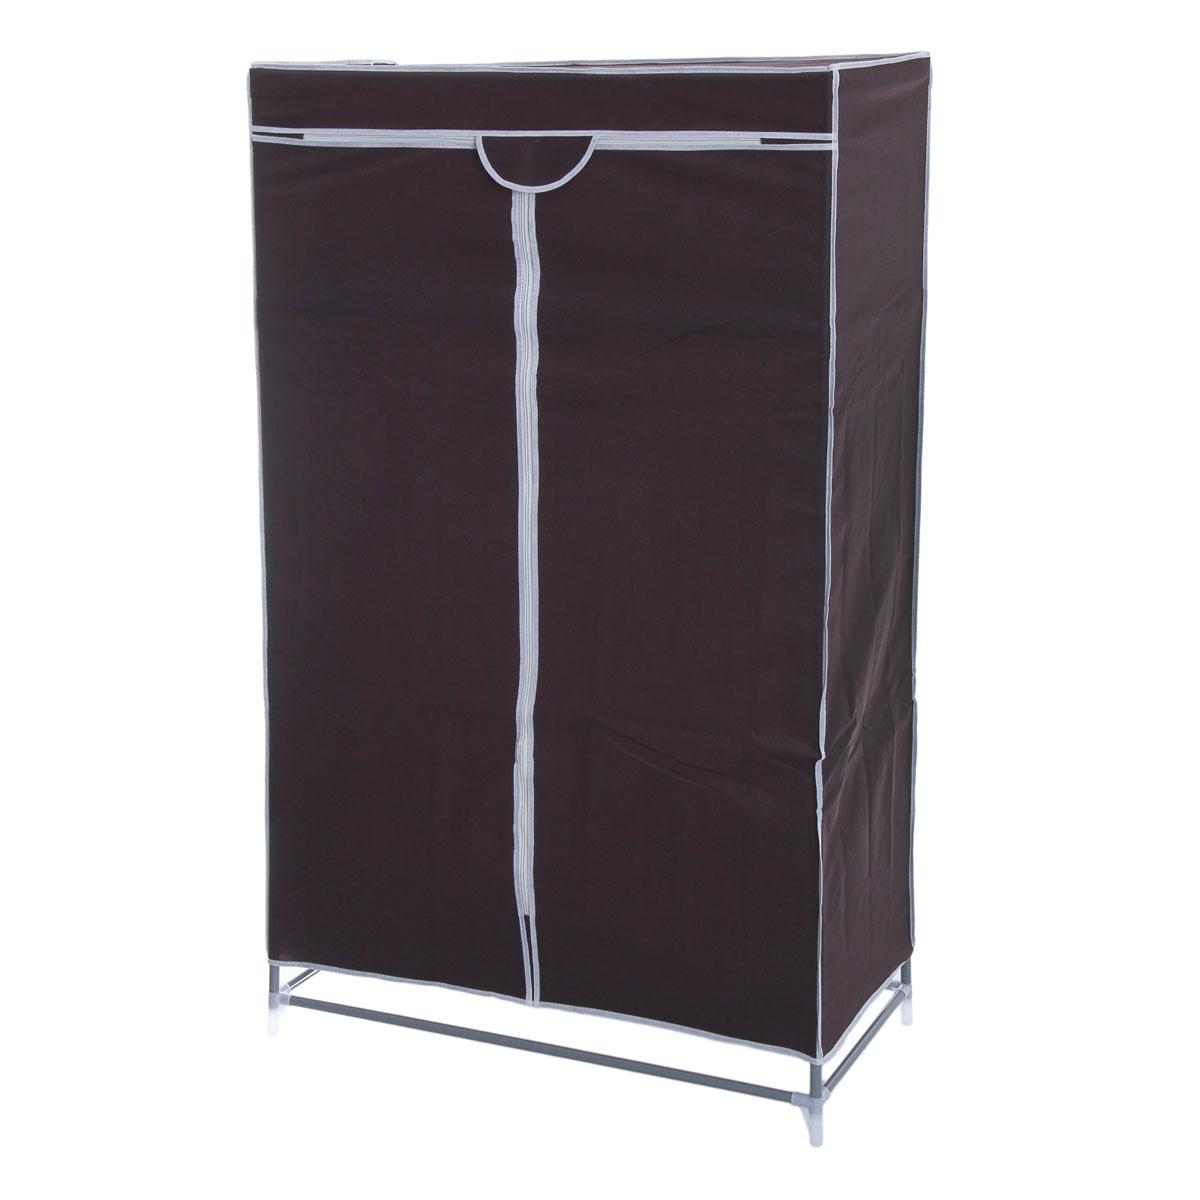 Мобильный шкаф для одежды Sima-land, цвет: кофейный, 90 х 45 х 145 см. 888799CM000001326Мобильный шкаф для одежды Sima-land, предназначенный для хранения одежды и других вещей, это отличное решение проблемы, когда наблюдается явный дефицит места или есть временная необходимость. Складной тканевый шкаф - это мобильная конструкция, состоящая из сборного металлического каркаса, на который натянут чехол из нетканого полотна. Корпус шкафа сделан из легкой, но прочной стали, а обивка из полиэстера, который можно легко стирать в стиральной машинке. Шкаф оснащен двумя текстильными дверями, которые закрываются на застежку-молнию. Шкаф снабжен полкой и планкой для хранения вещей на вешалках.